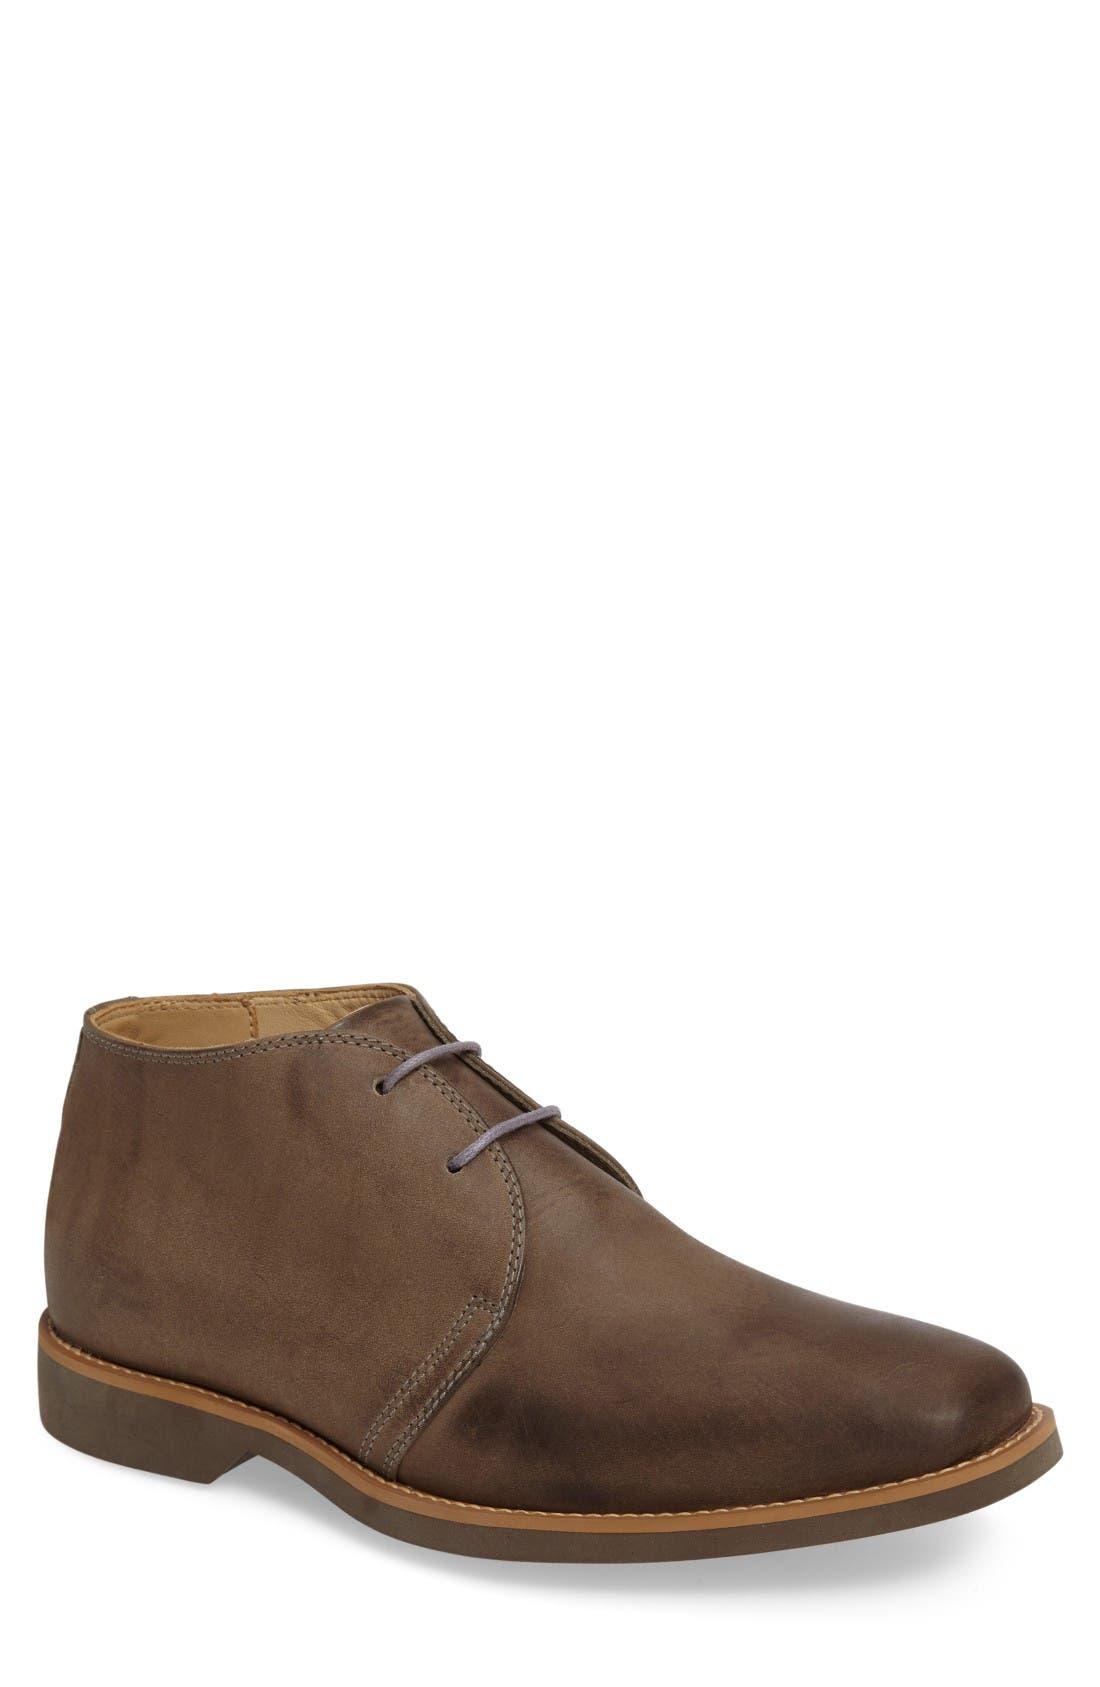 Anatomic & Co 'Colorado' Chukka Boot (Men)